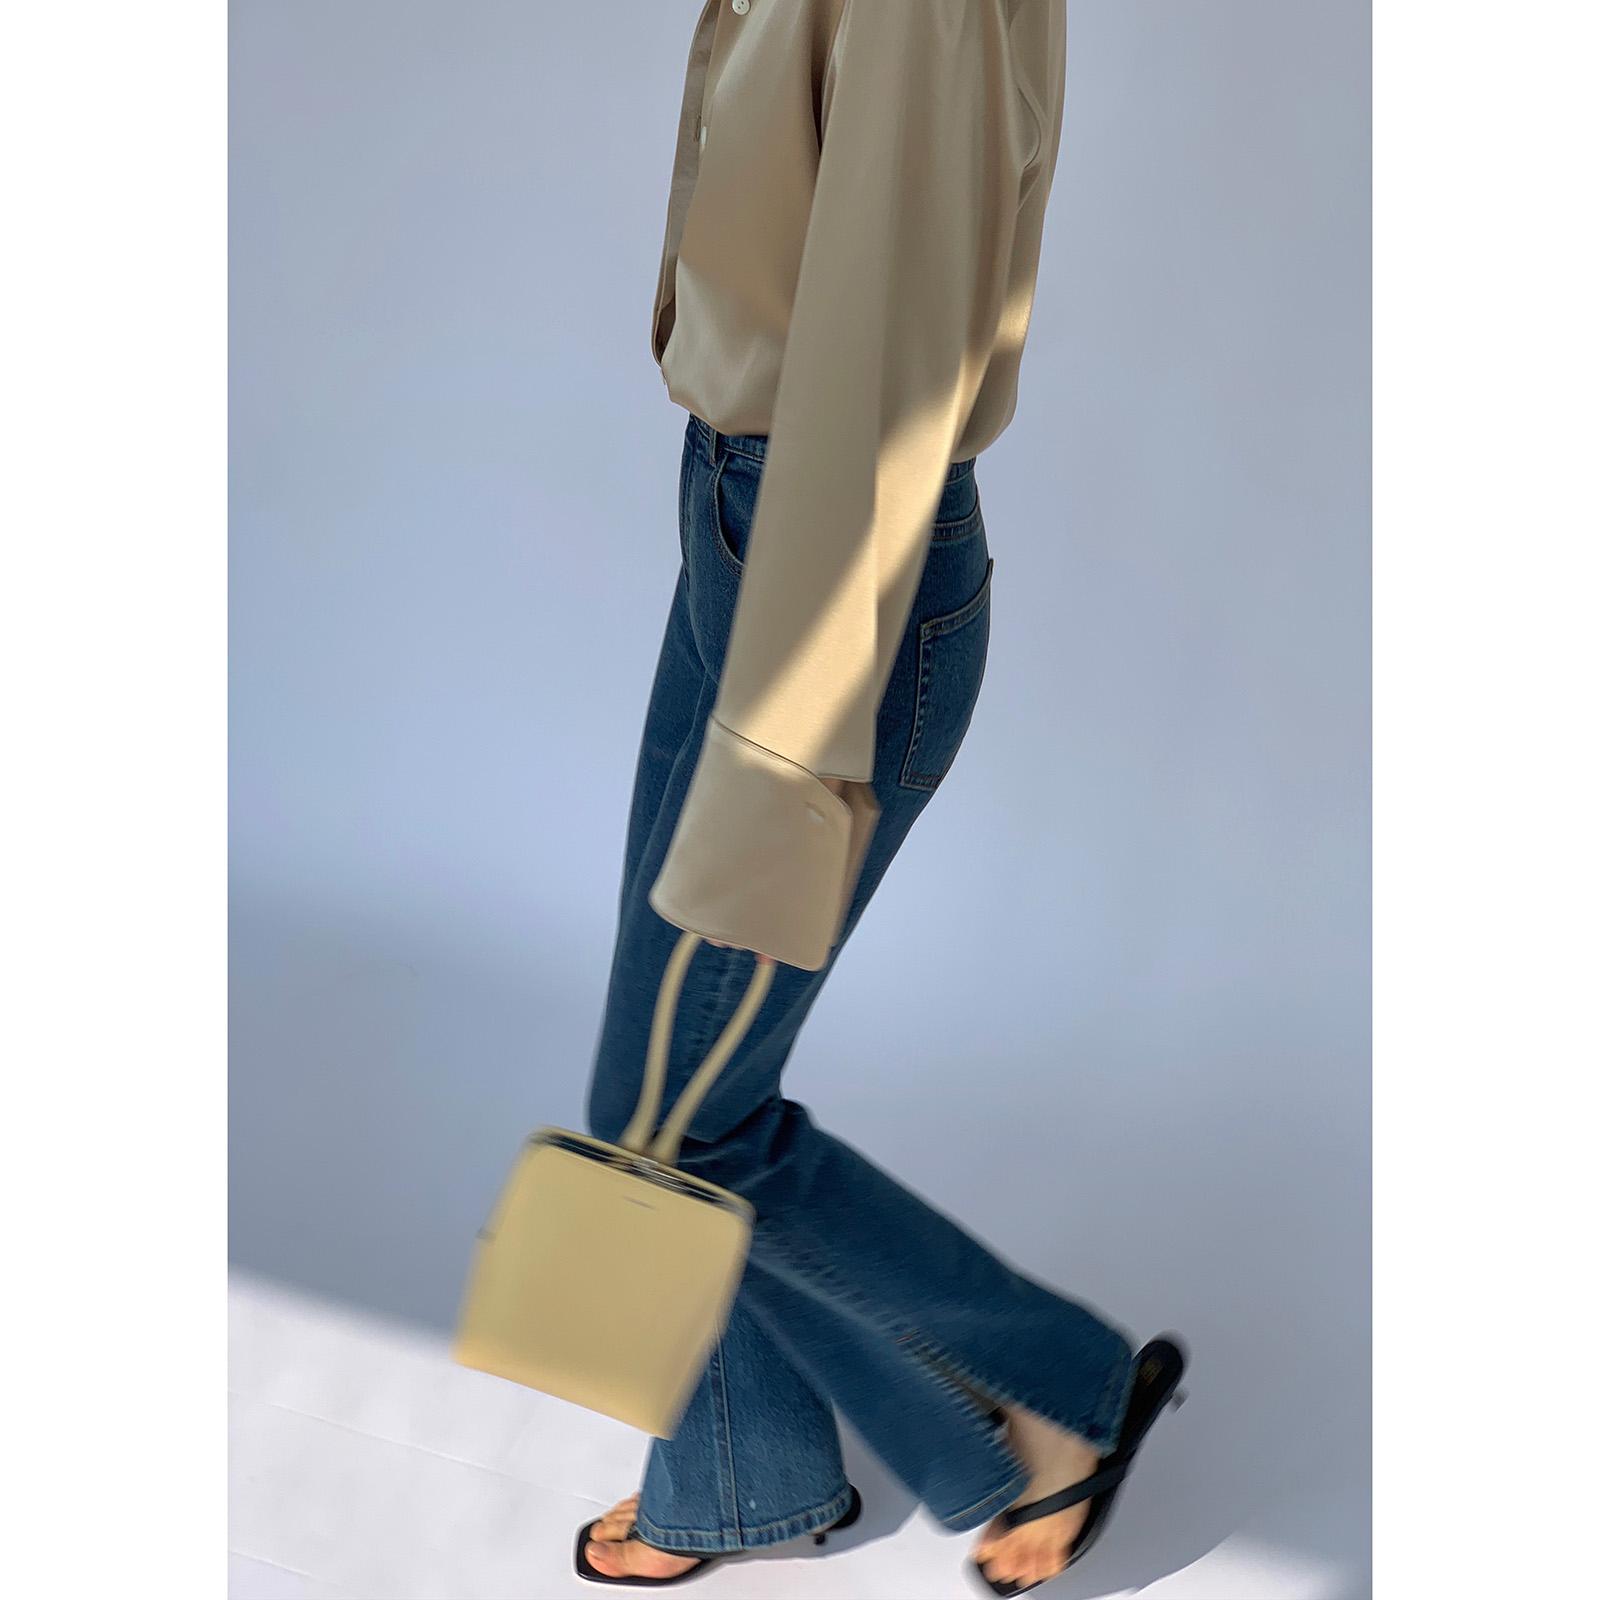 米腿精高腰复古开叉牛仔裤女微喇叭裤子 2 升级版 春季 MARYME2021